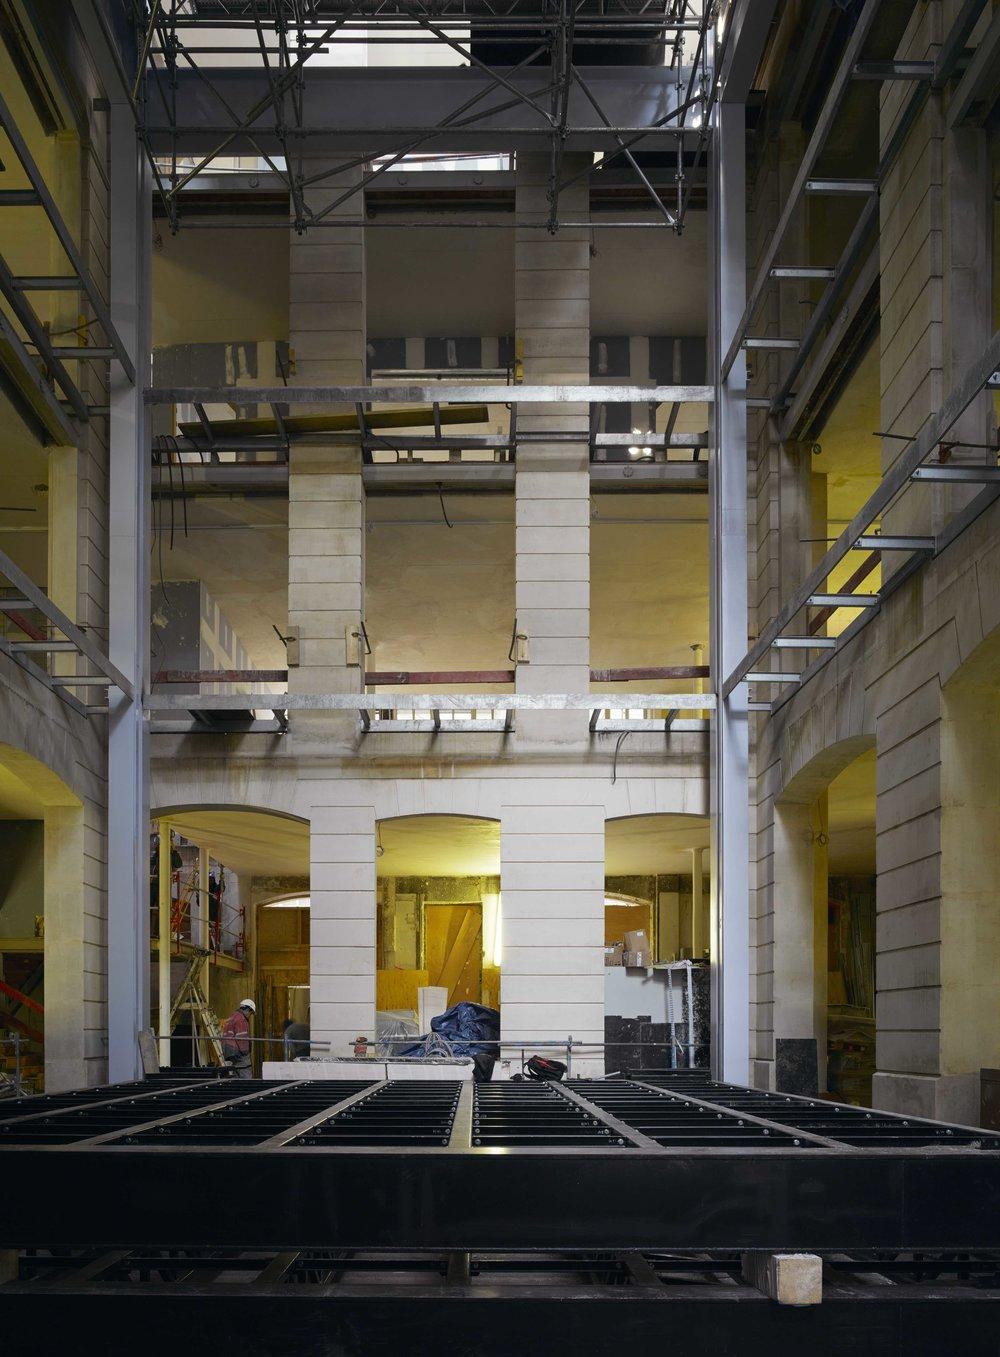 Pour sa première exposition monographique en France, Lutz Bacher accompagne de sa vision l'ouverture de l'institution nouvelle, et conçoit une installation qui met en lumière la verticalité du 9 rue du Plâtre réhabilité par Rem Koolhaas. Image ©Bas Princen